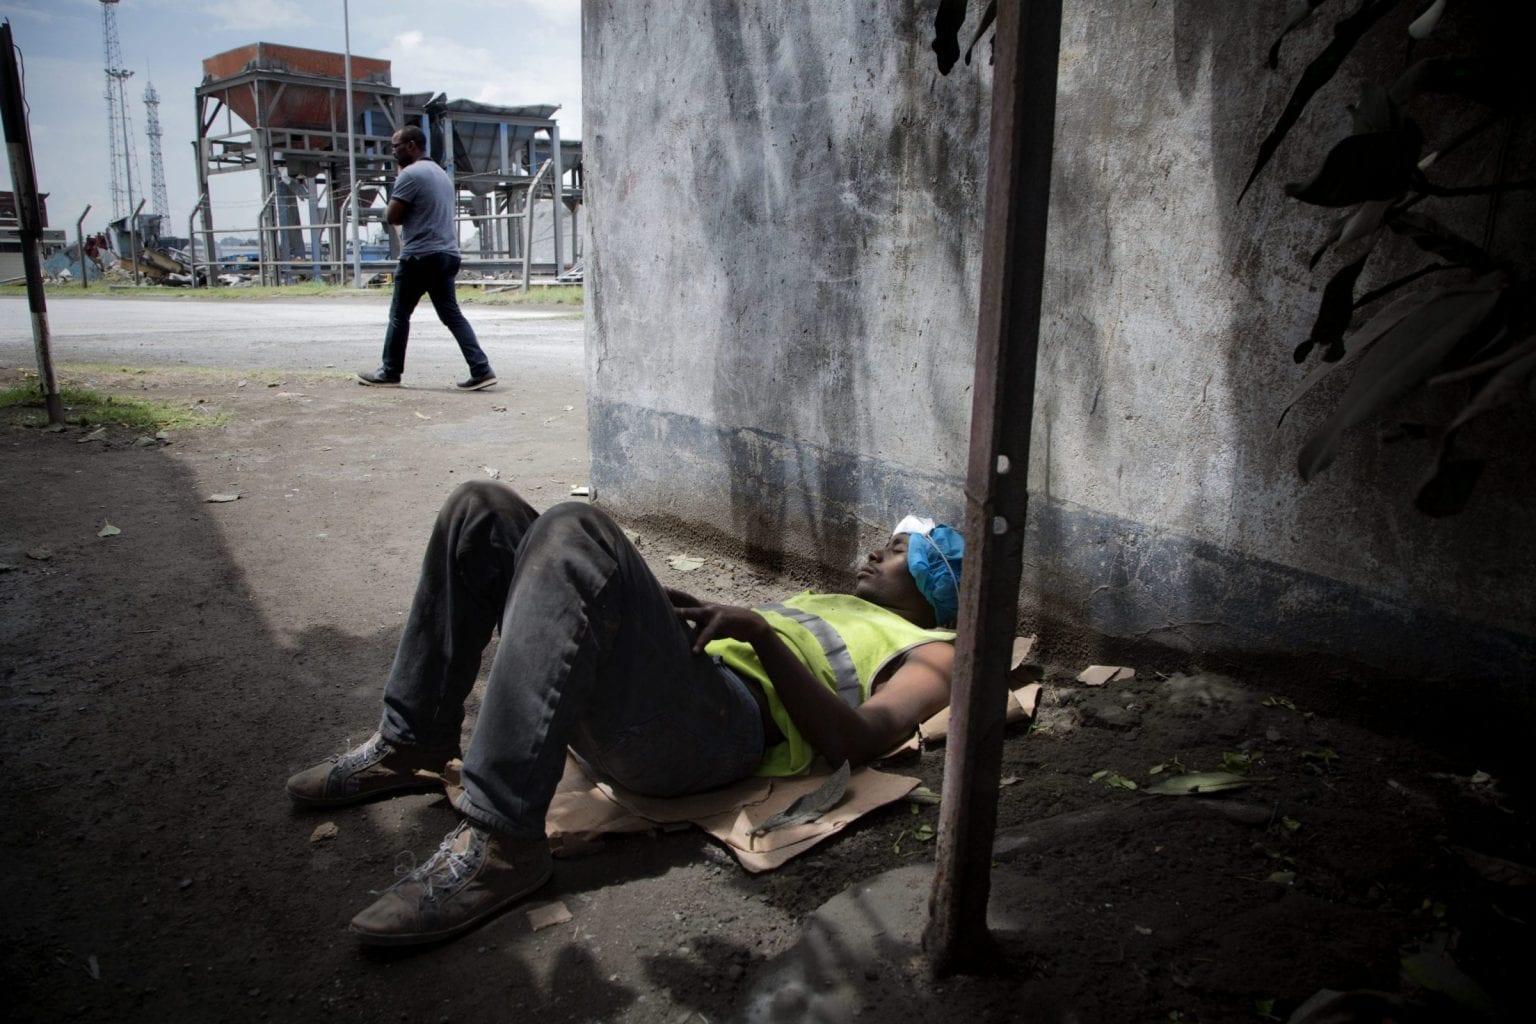 Har man ikke et fast arbejde på havnen, koster det 200 kenyanske shilling (ca. 12 kroner) at komme ind. Derfor vælger mange løsarbejdere at overnatte på området i de perioder, hvor der er arbejde til dem. Foto: Linda Bournane Engelberth